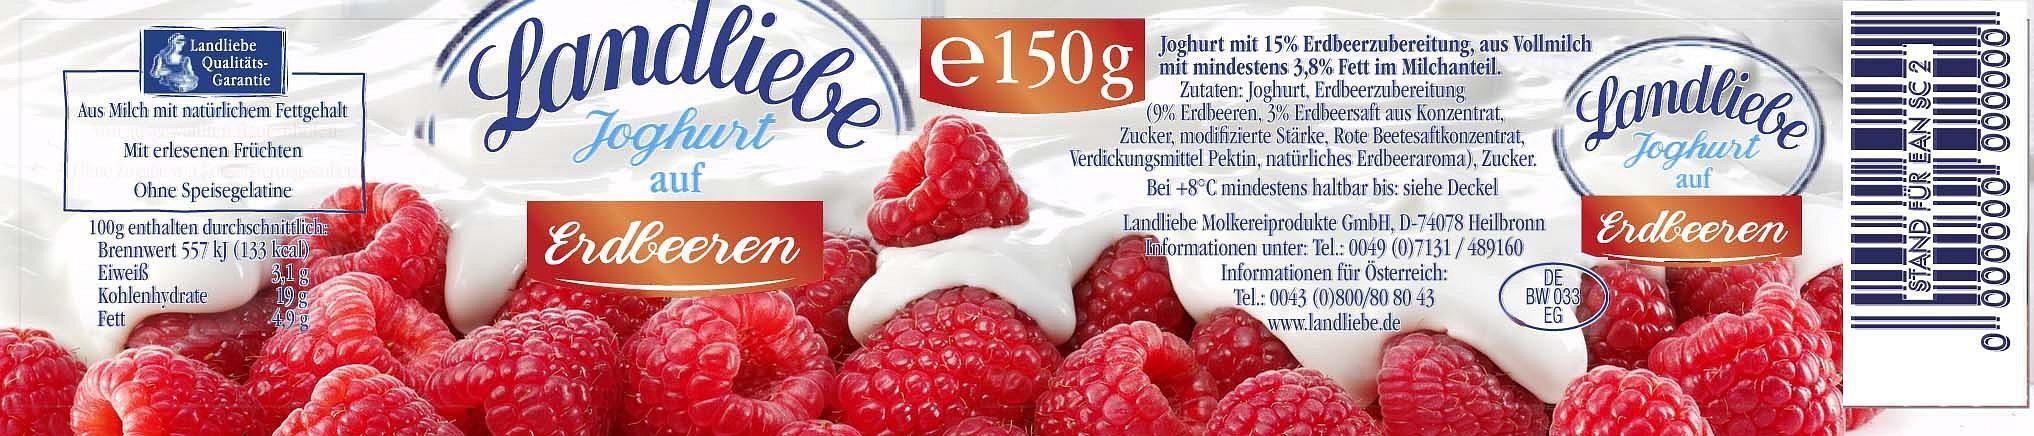 Footgrafie von frischen Lebensmitteln: Früchte mit Joghurt überzogen